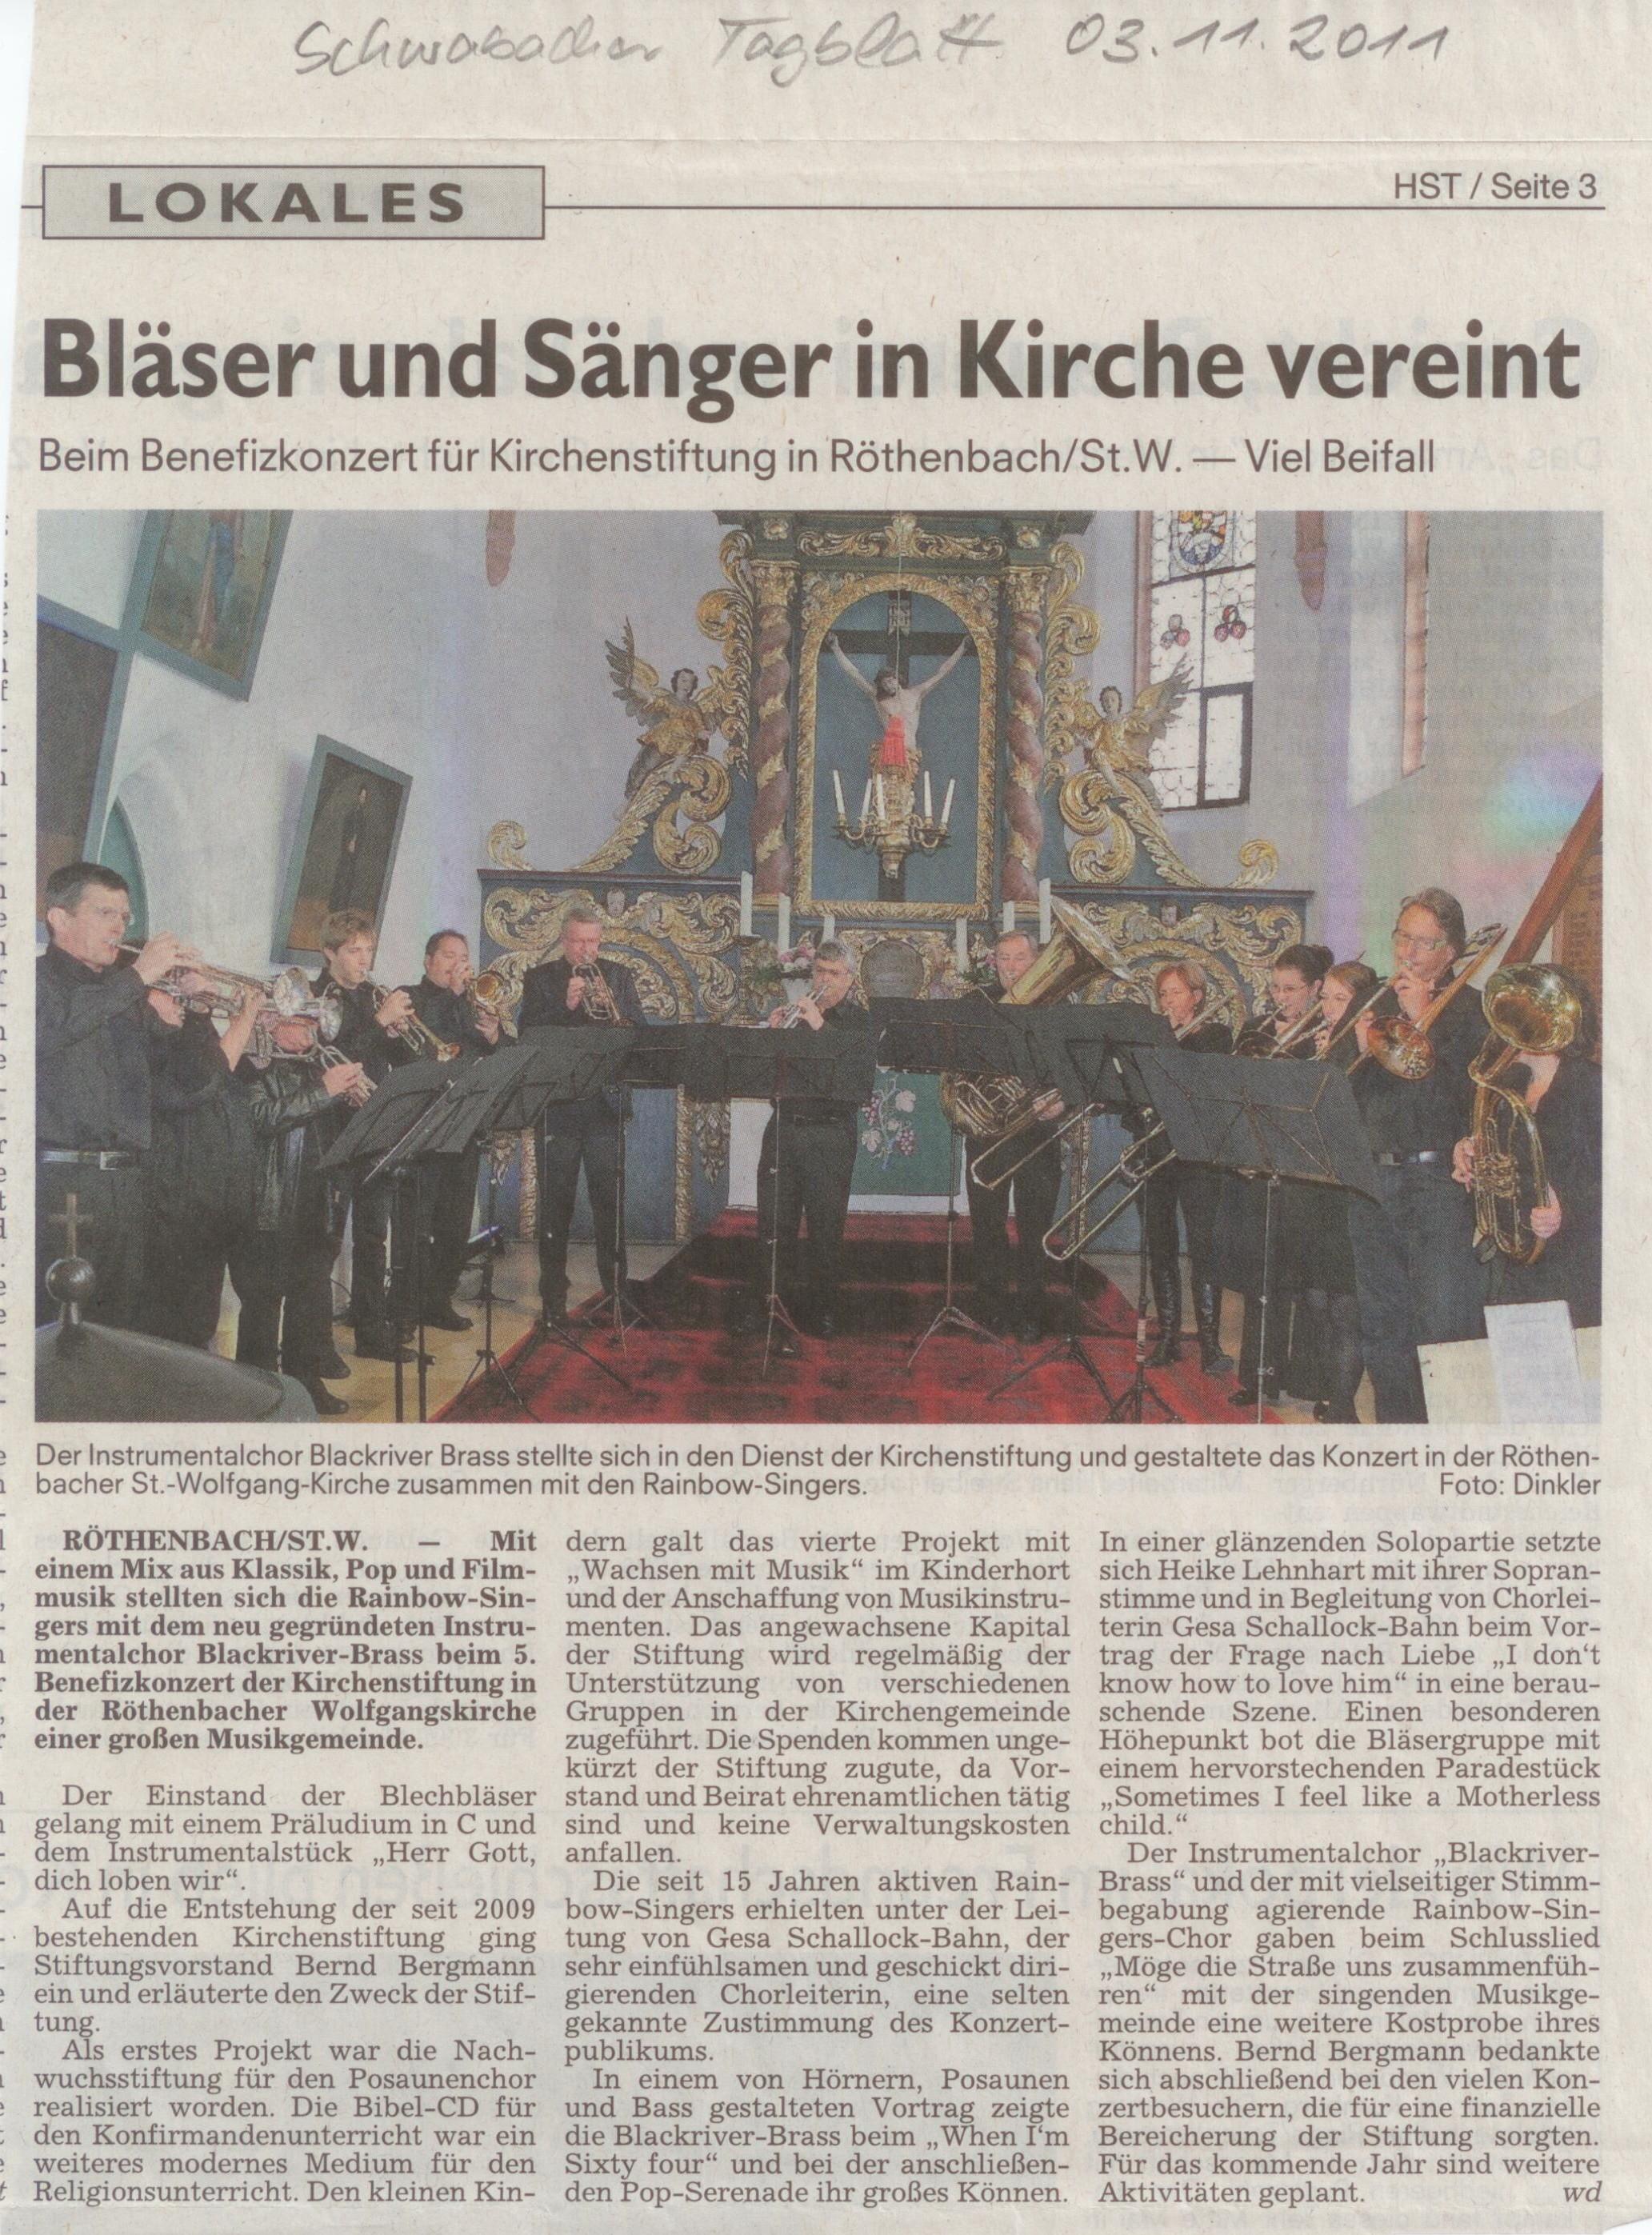 BRB Bericht Benefizkonzert Röthenbach Schwabacher Tagblatt 10 2011